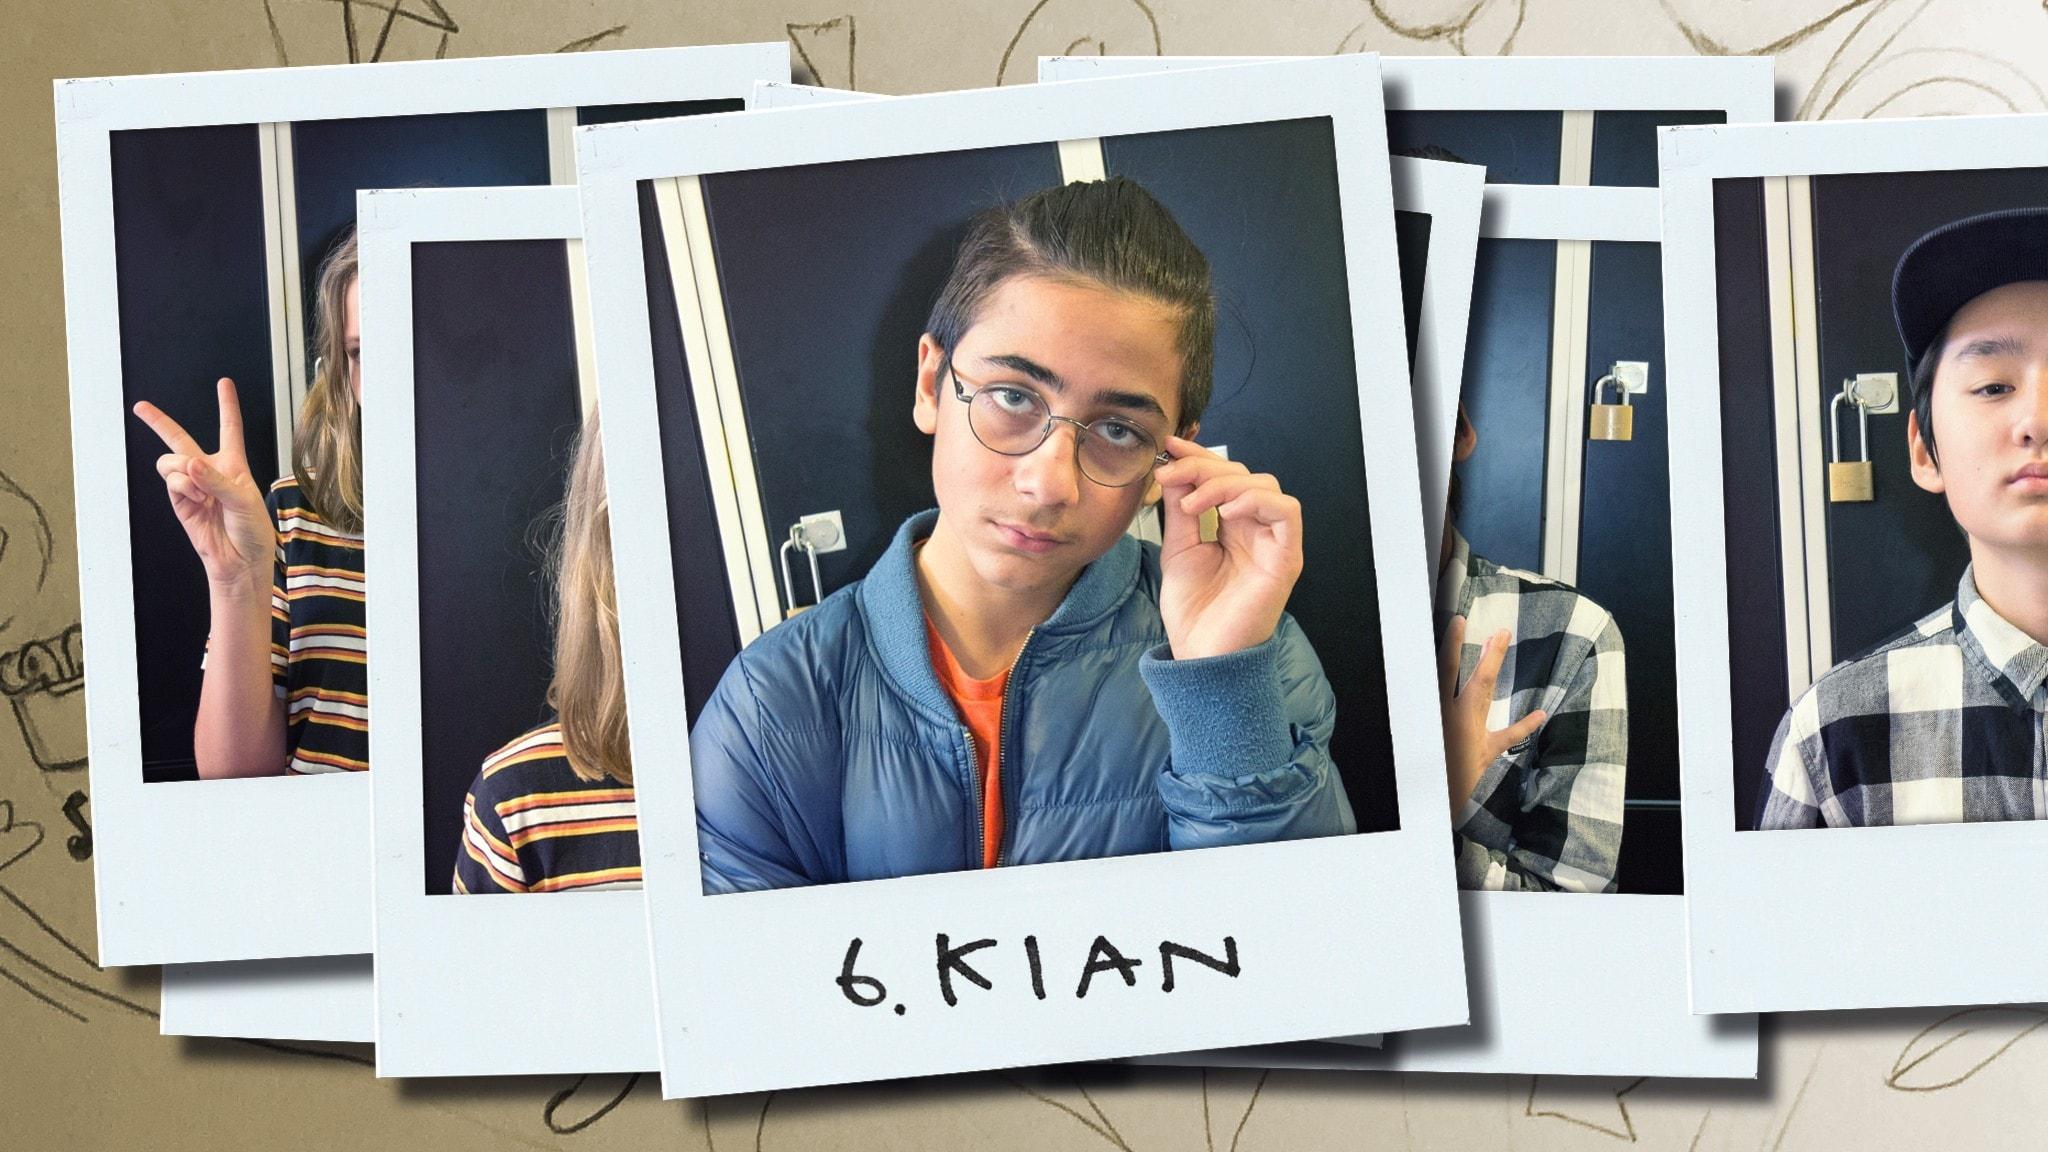 6. Kian